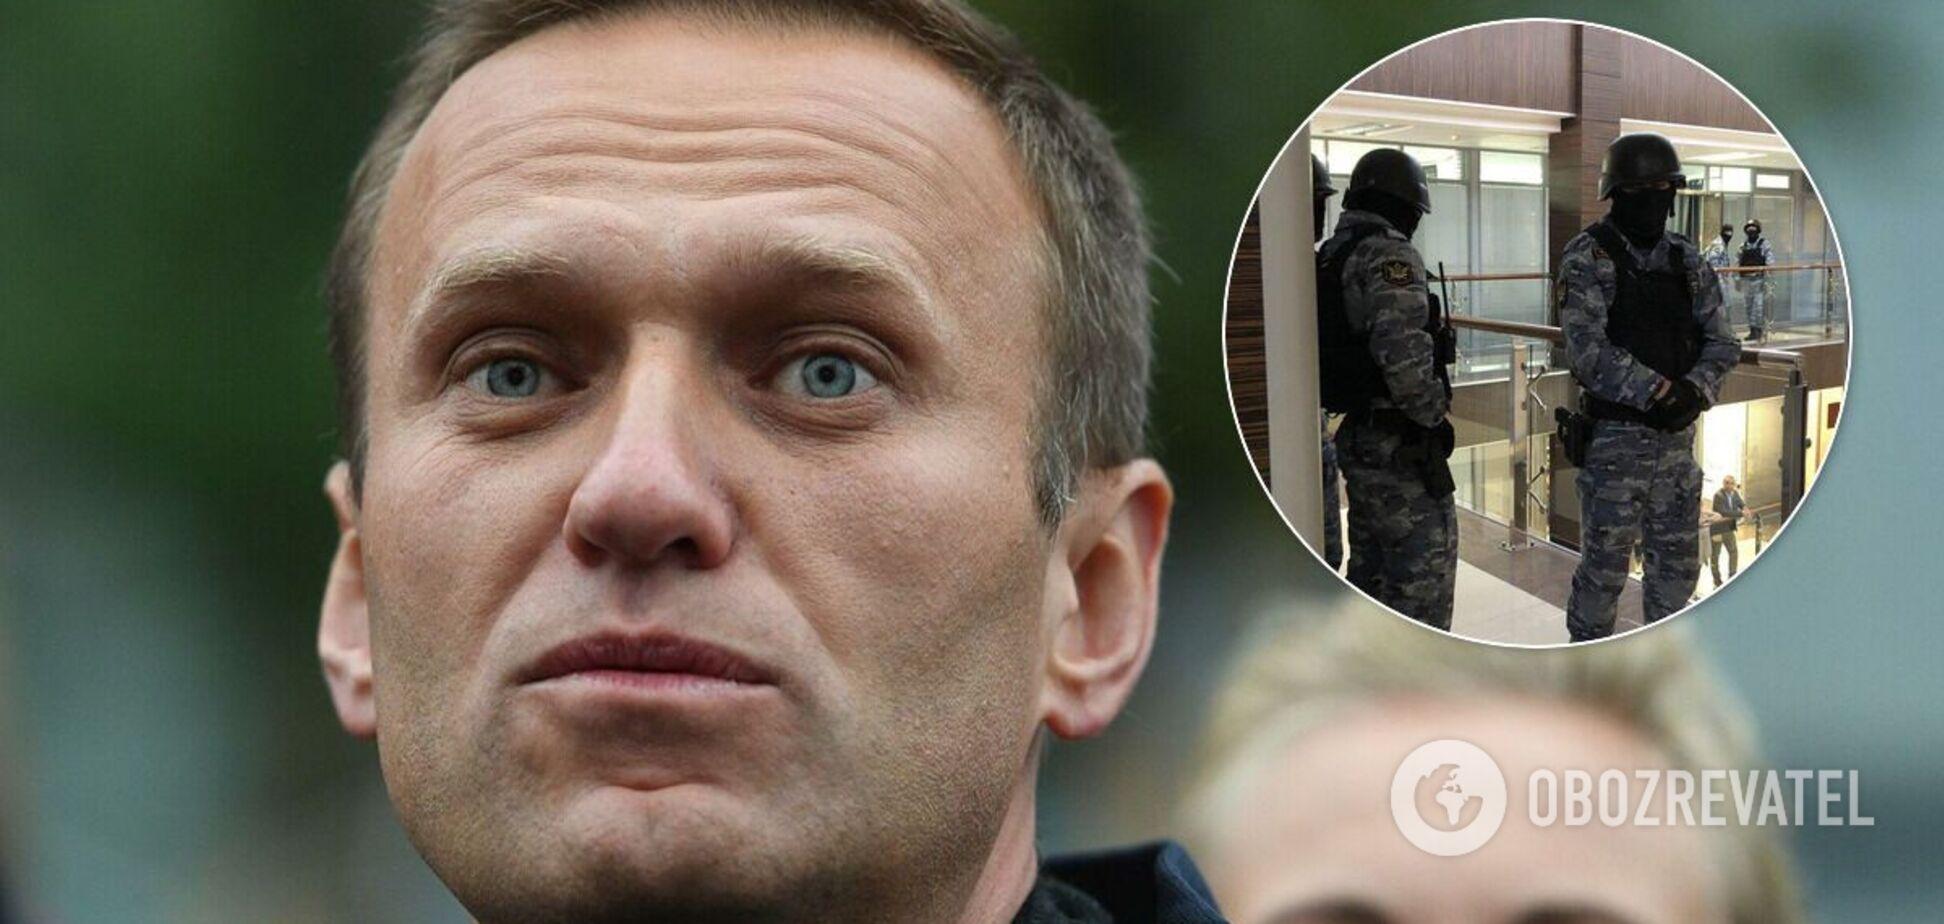 Опозиціонер Олексій Навальний